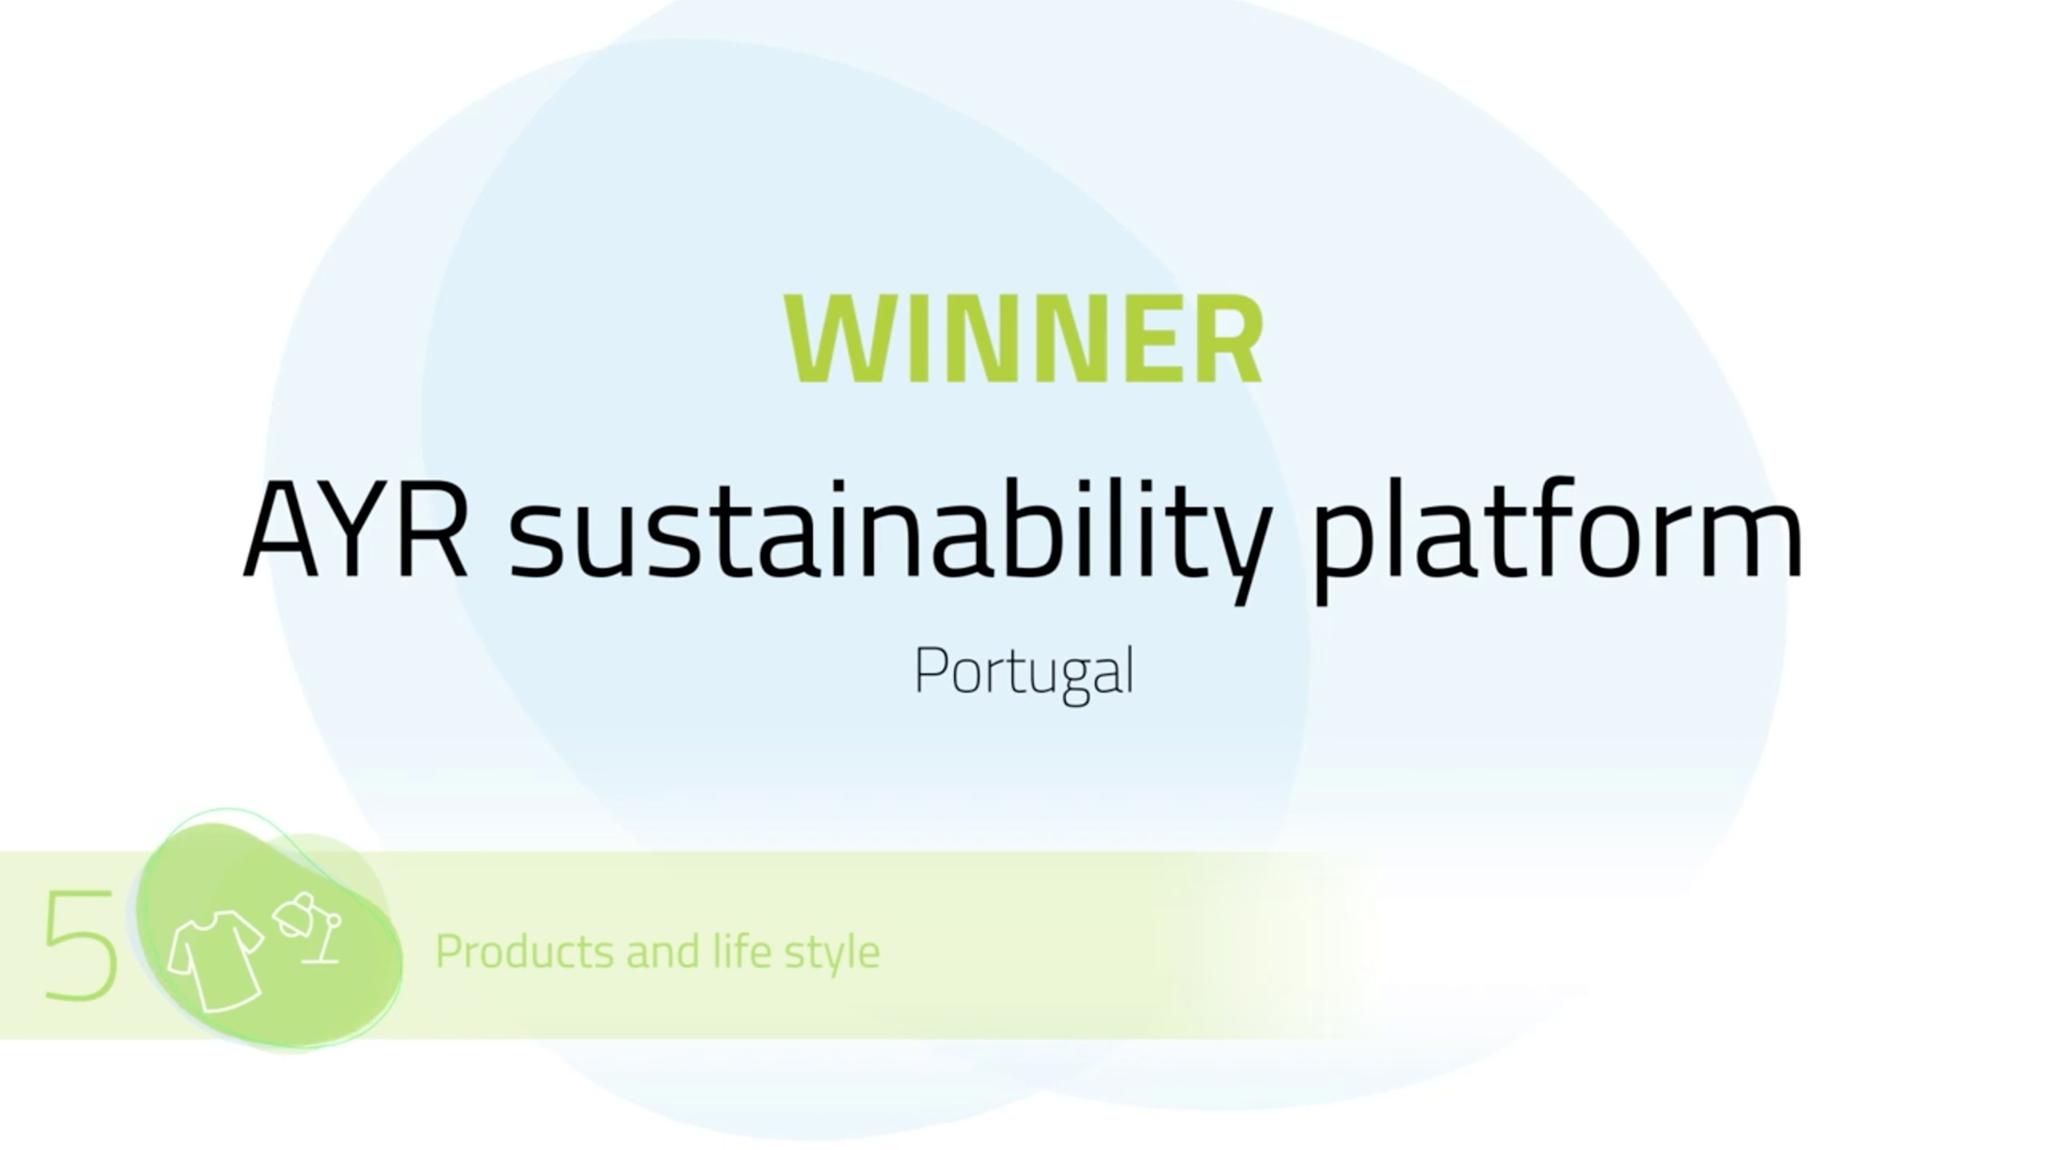 Plataforma Notícias Ordem Engenheiros Região Norte - Plataforma de sustentabilidade portuguesa vence competição internacional